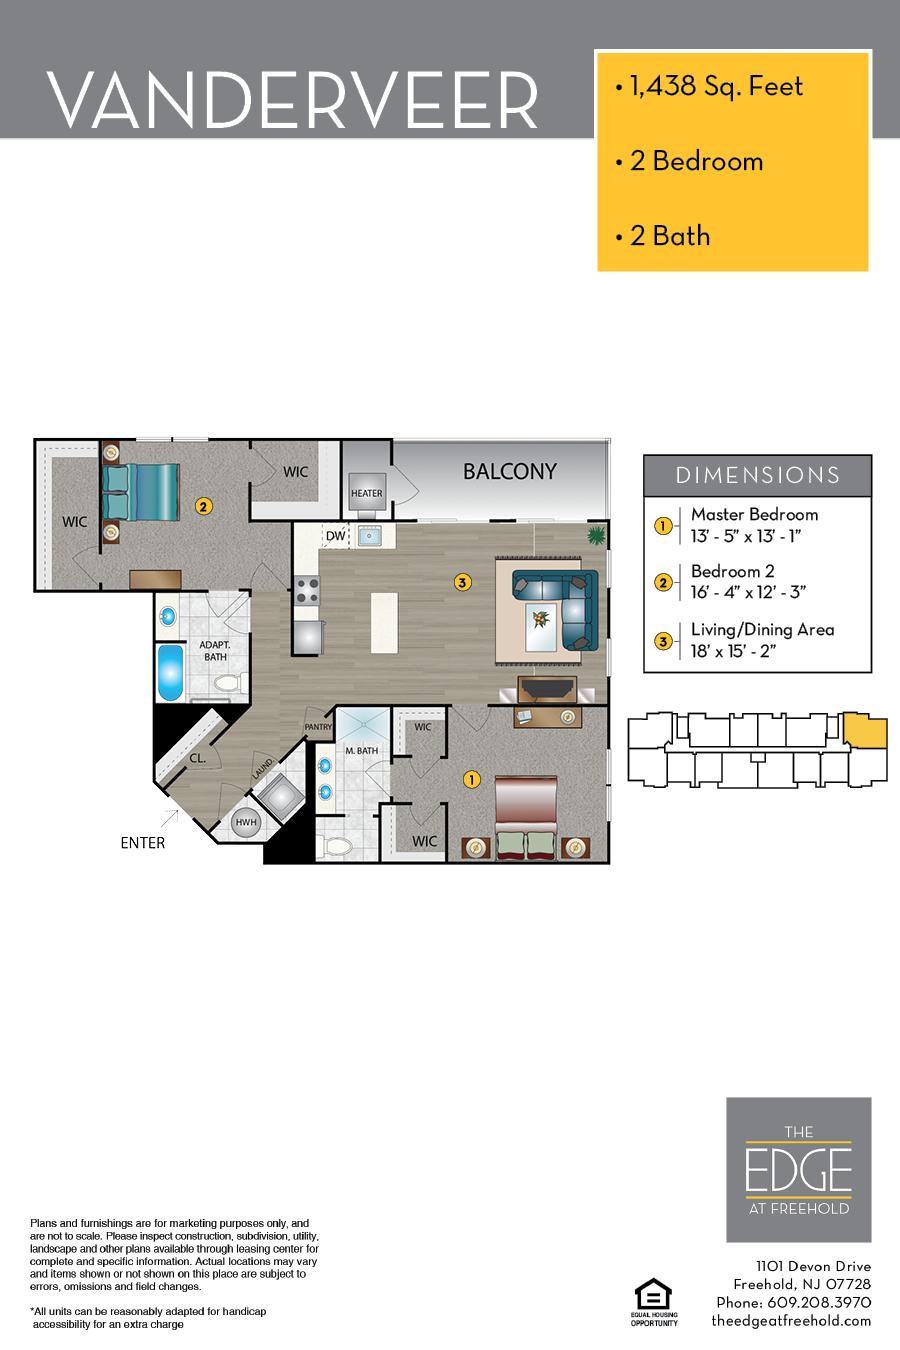 Vanderveer Floor Plan